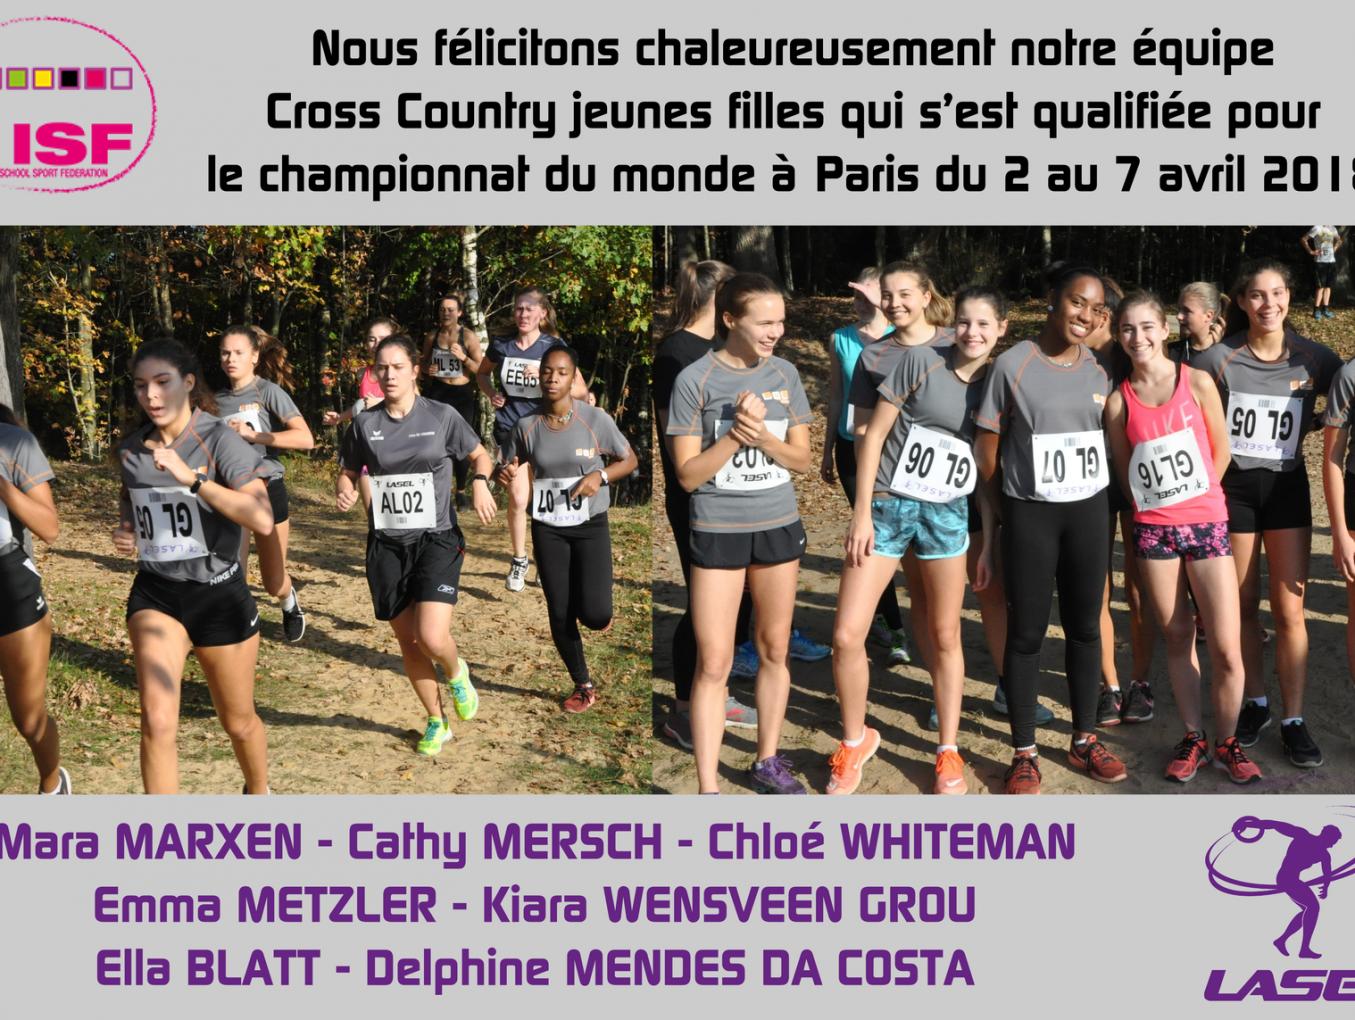 LASEL - L'équipe Cross Country des jeunes filles du LGL se qualifie pour le championnat ISF à Paris